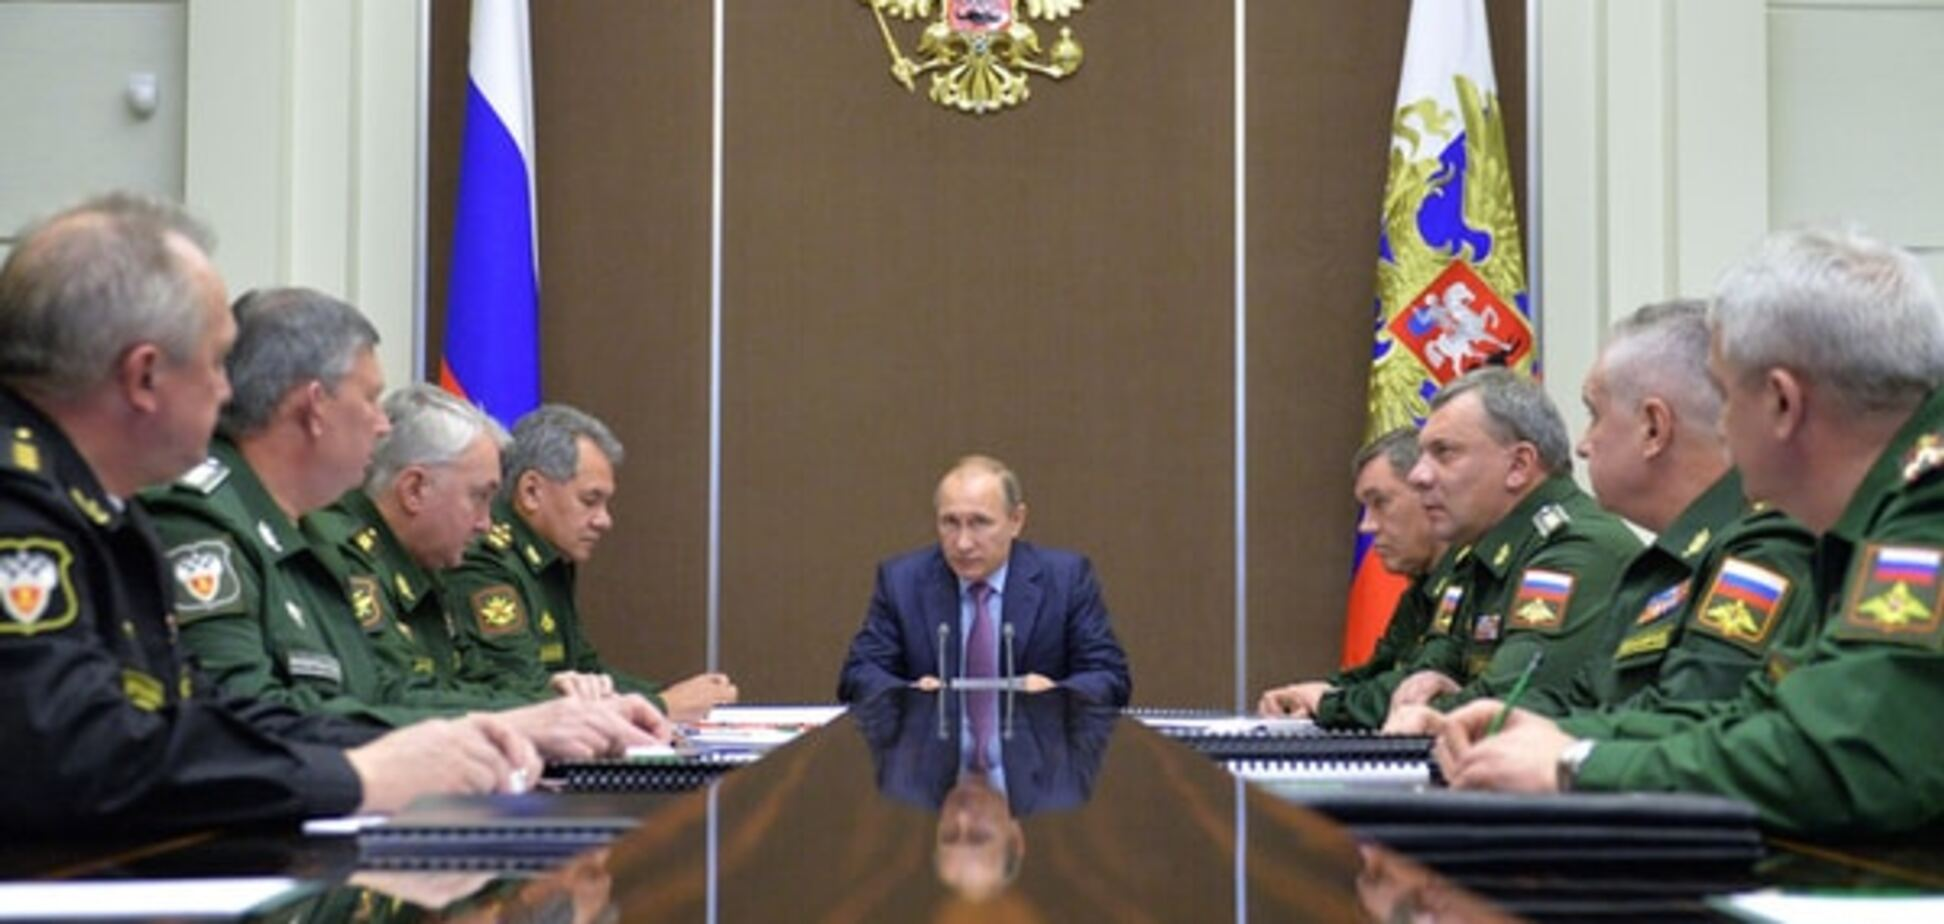 'Секретна' суперторпеда Путіна: 'найстрашніша' качка Кремля - Newsweek